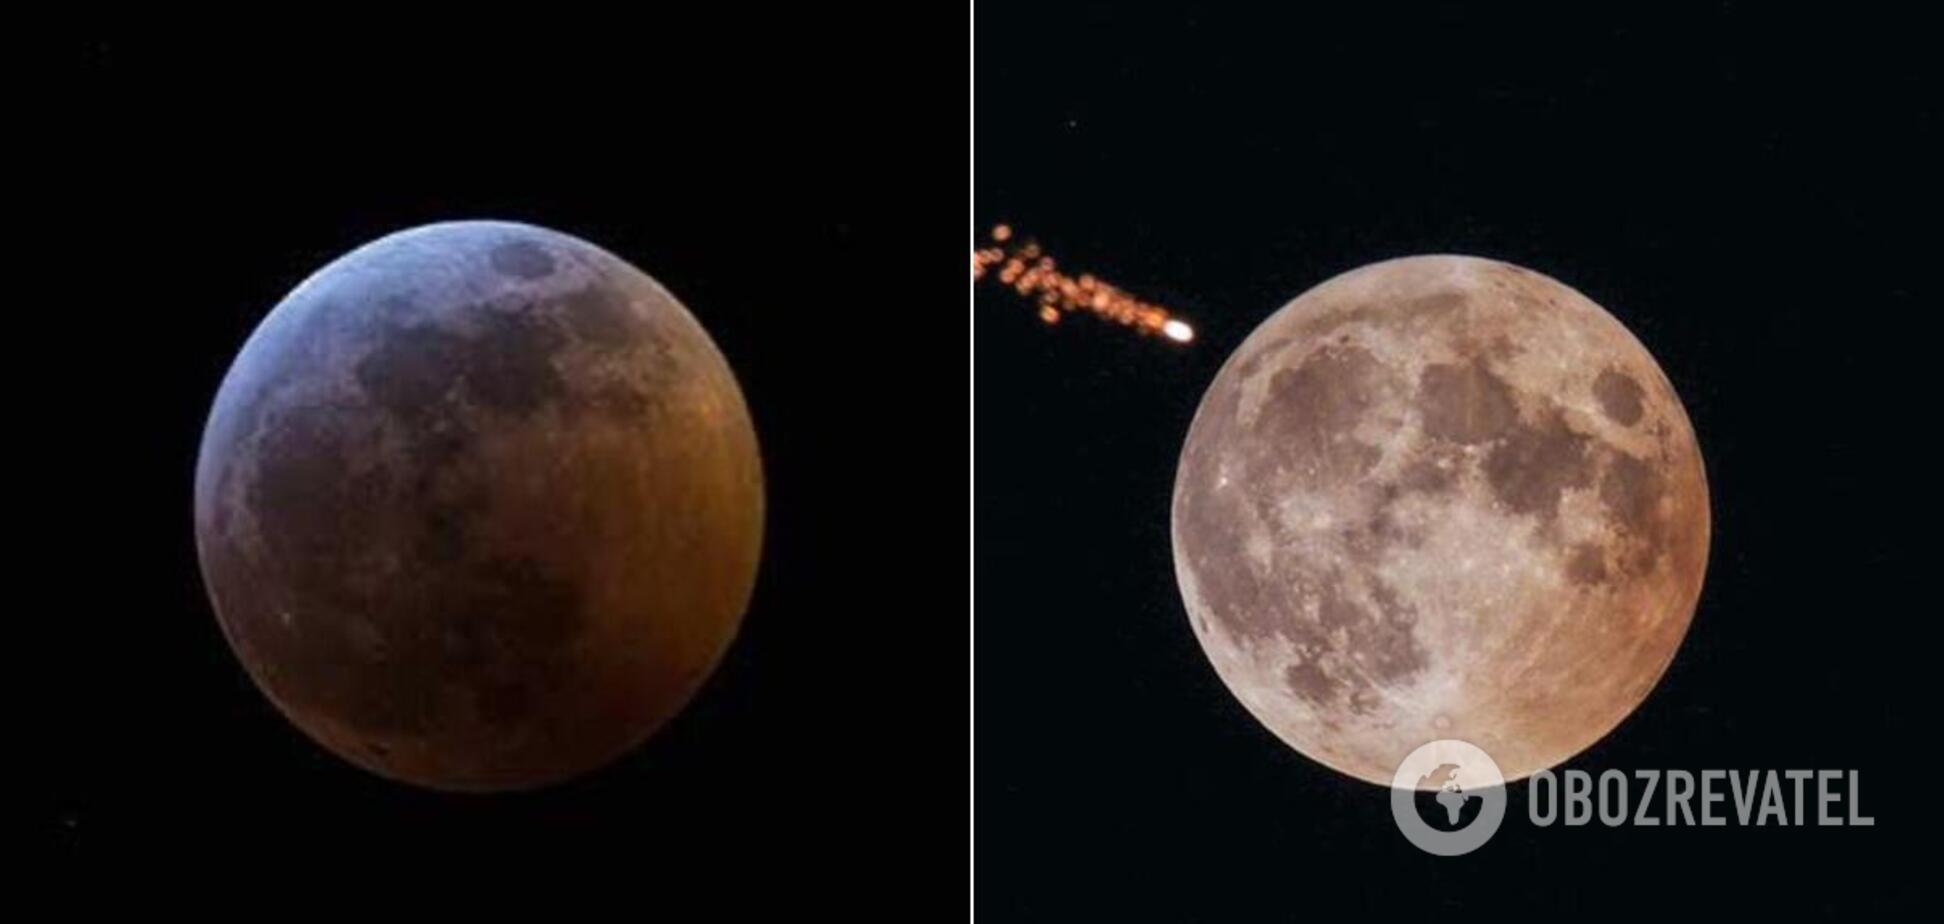 Жителі Землі могли спостерігати напівтіньове місячне затемнення